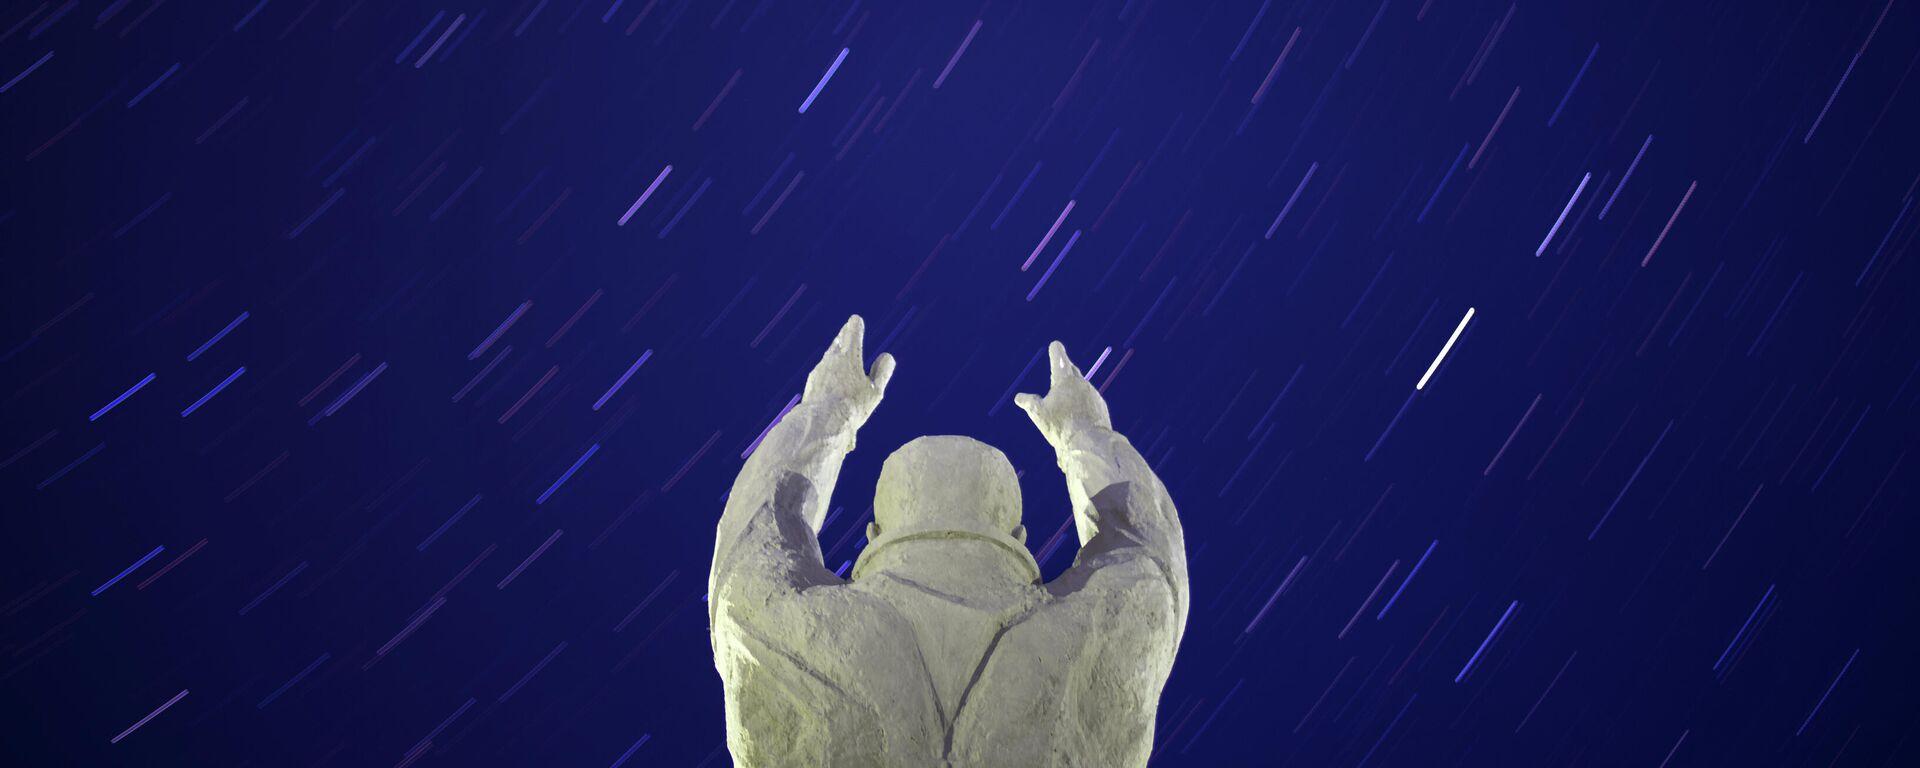 Monumento a Yuri Gagarin en la ciudad de Baikonur - Sputnik Mundo, 1920, 12.04.2021